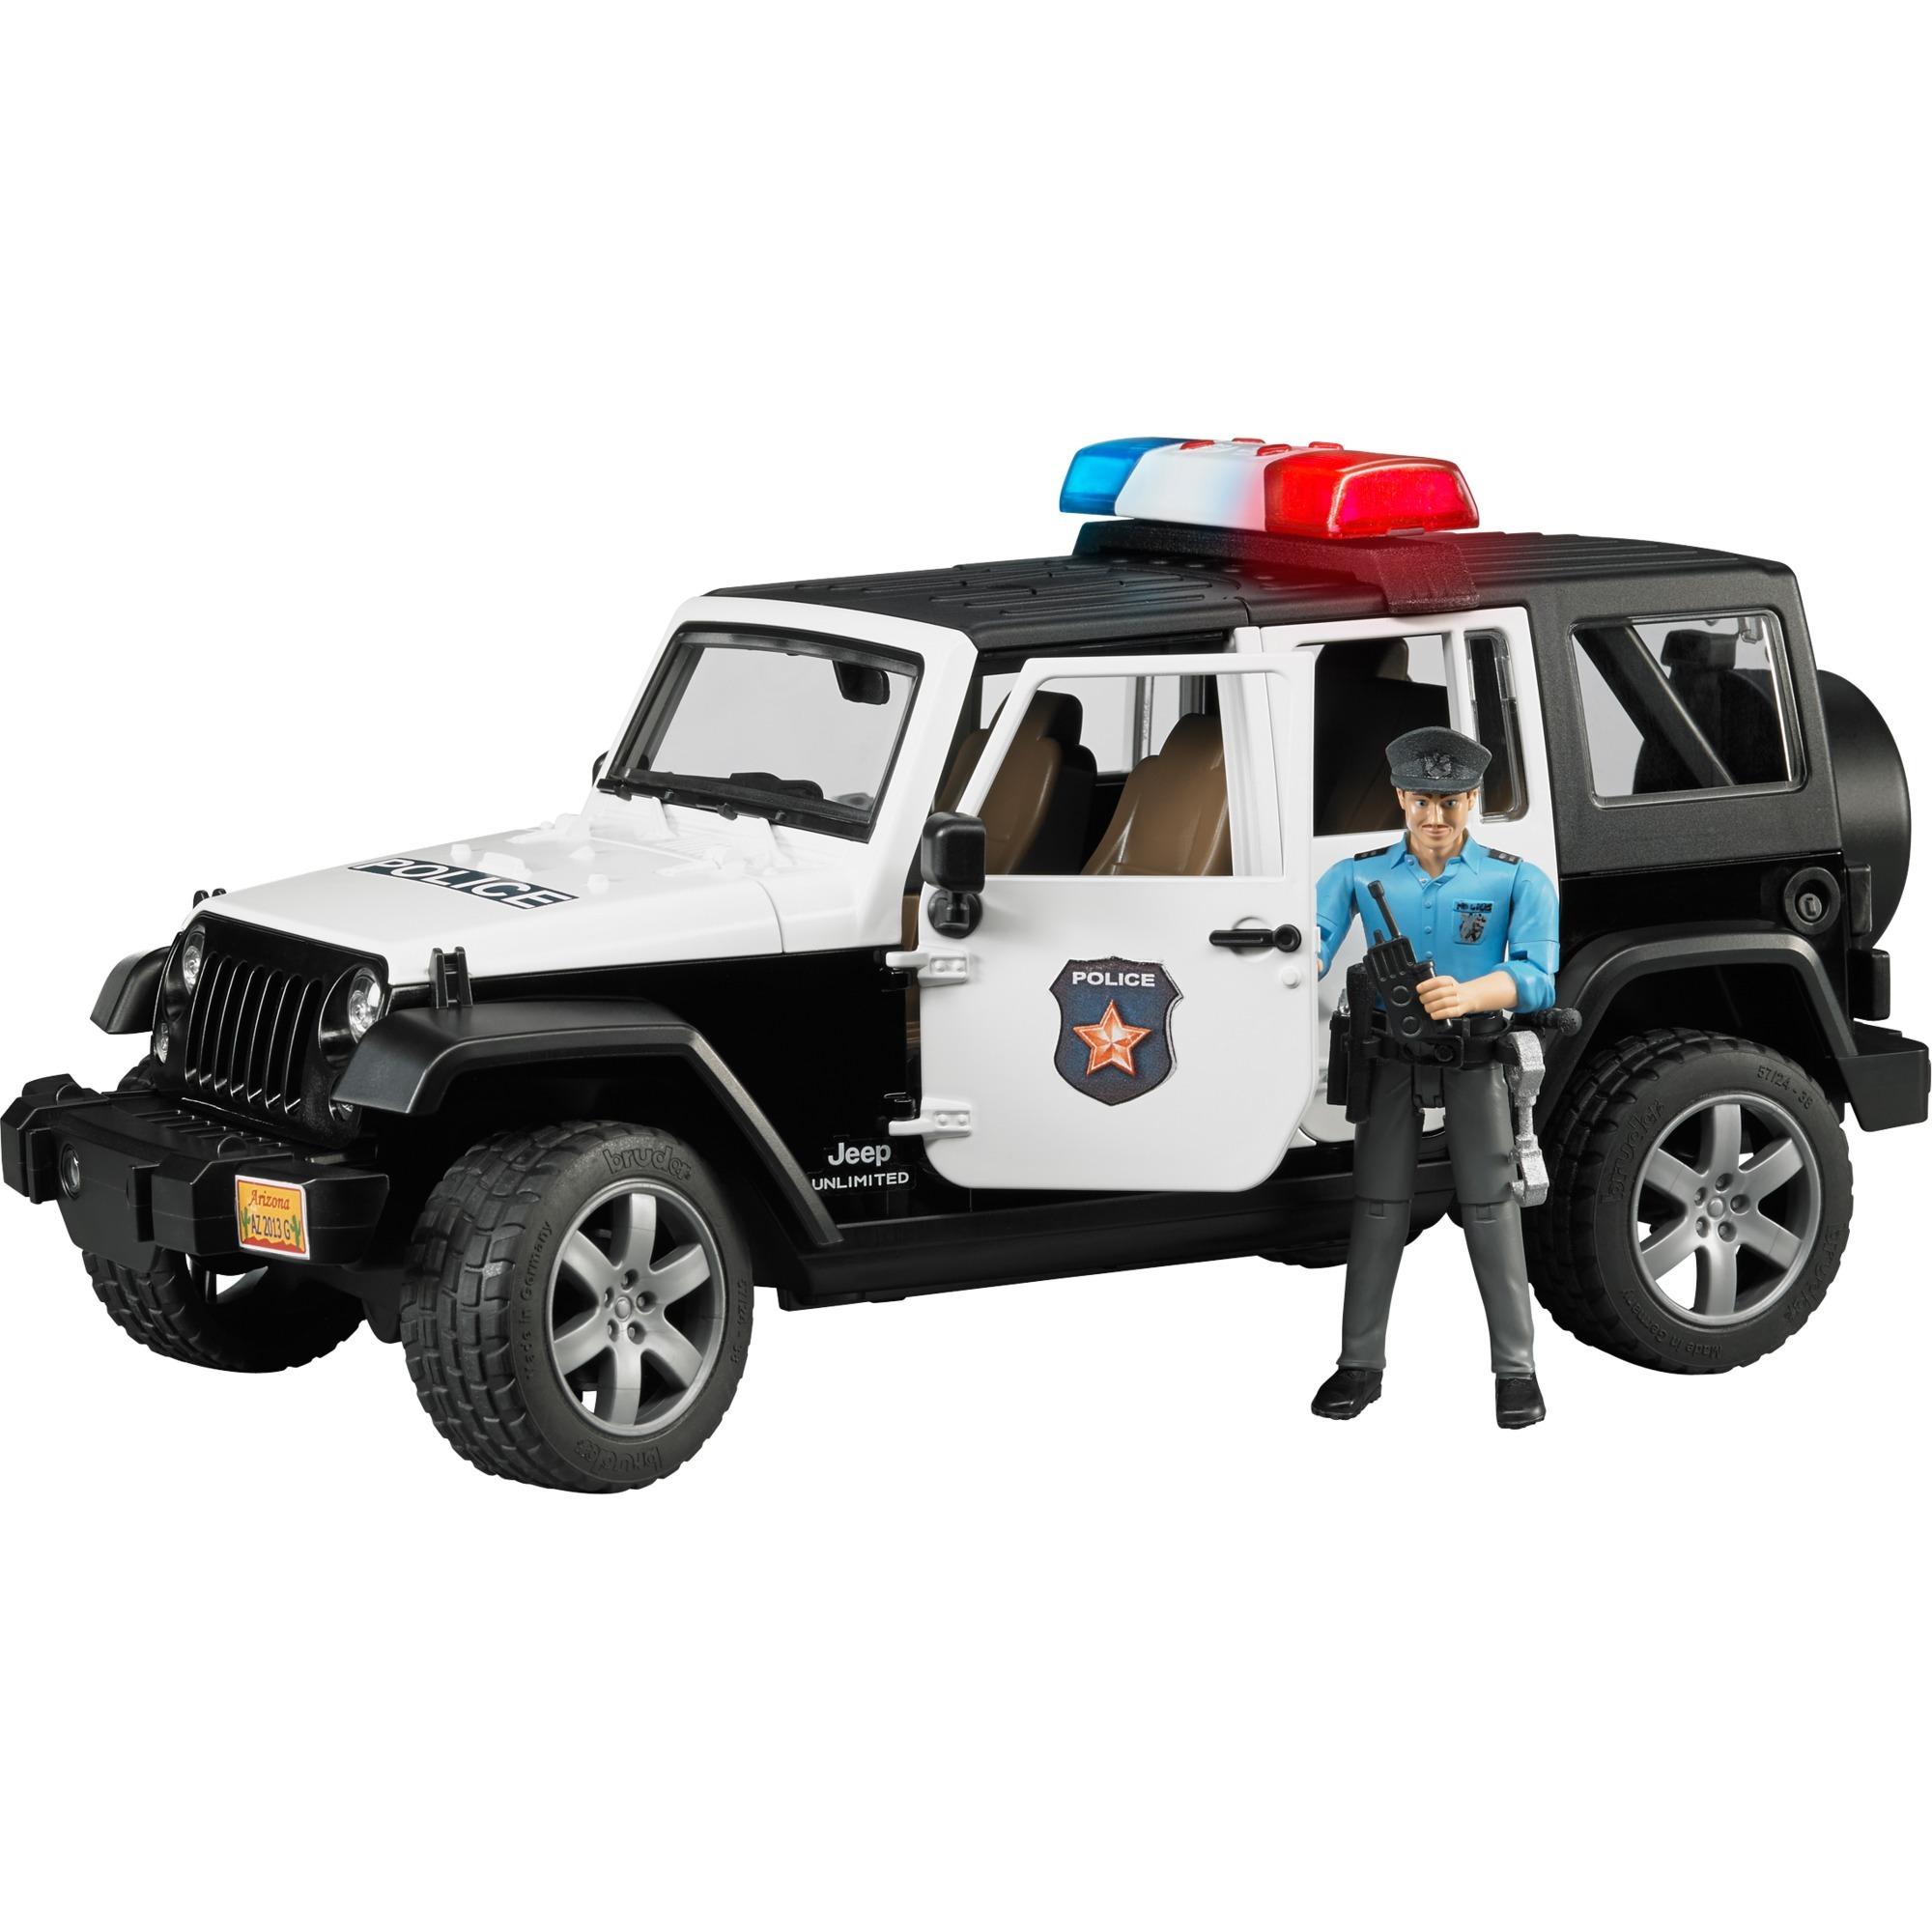 02526 Previamente montado SUV model 1:16 modelo de vehículo de tierra, Automóvil de construcción